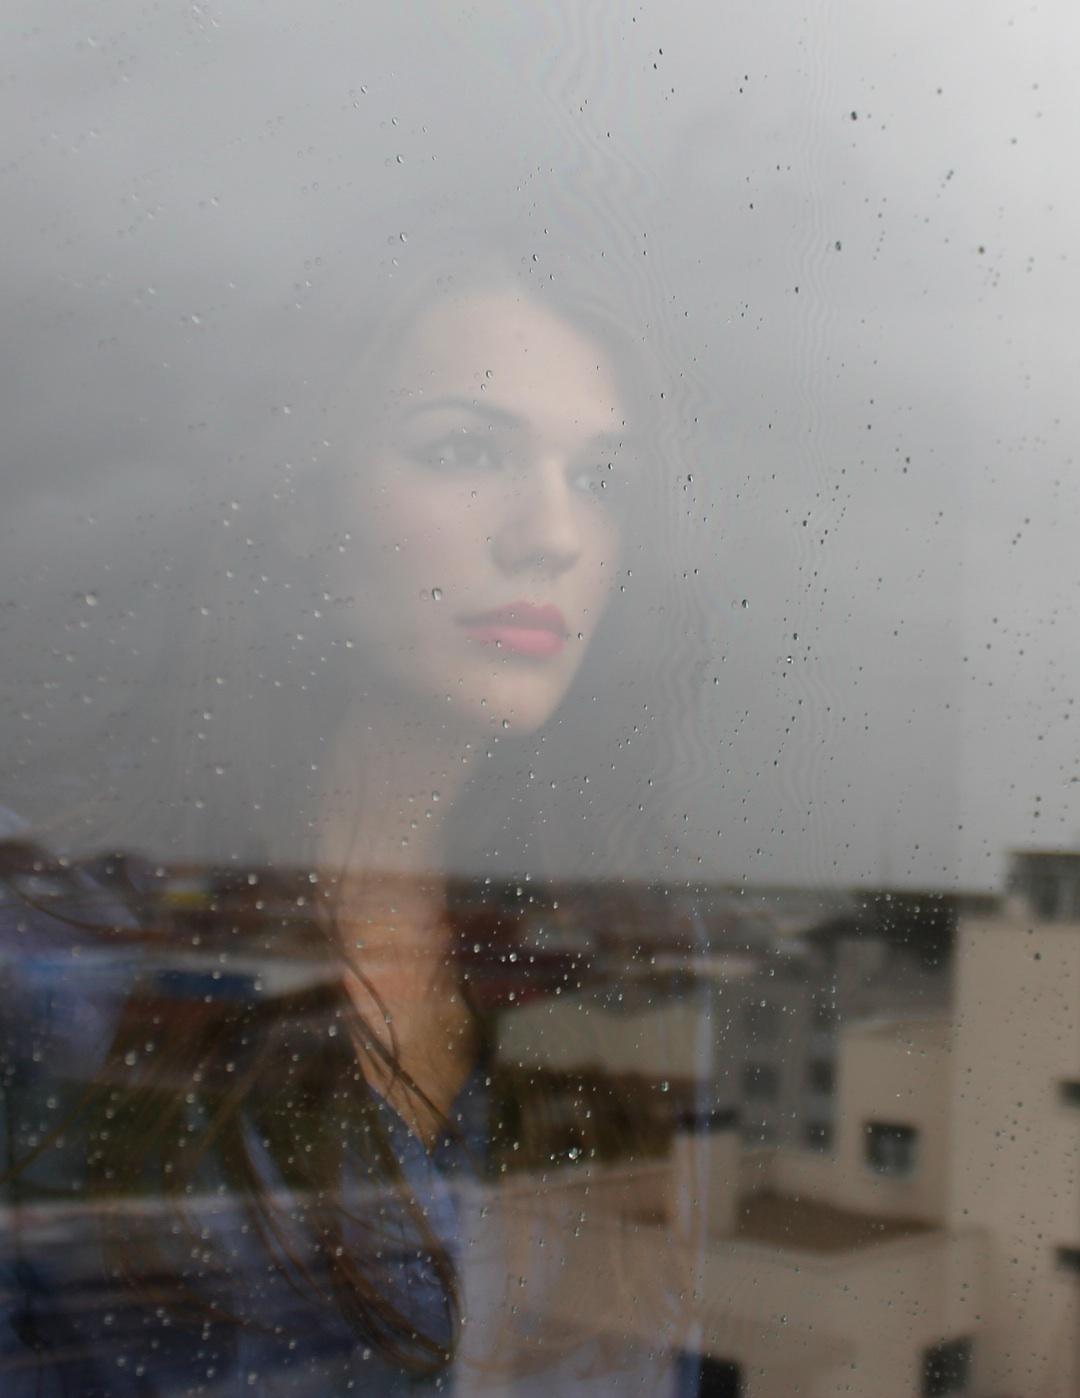 chica triste tras cristal con lluvia